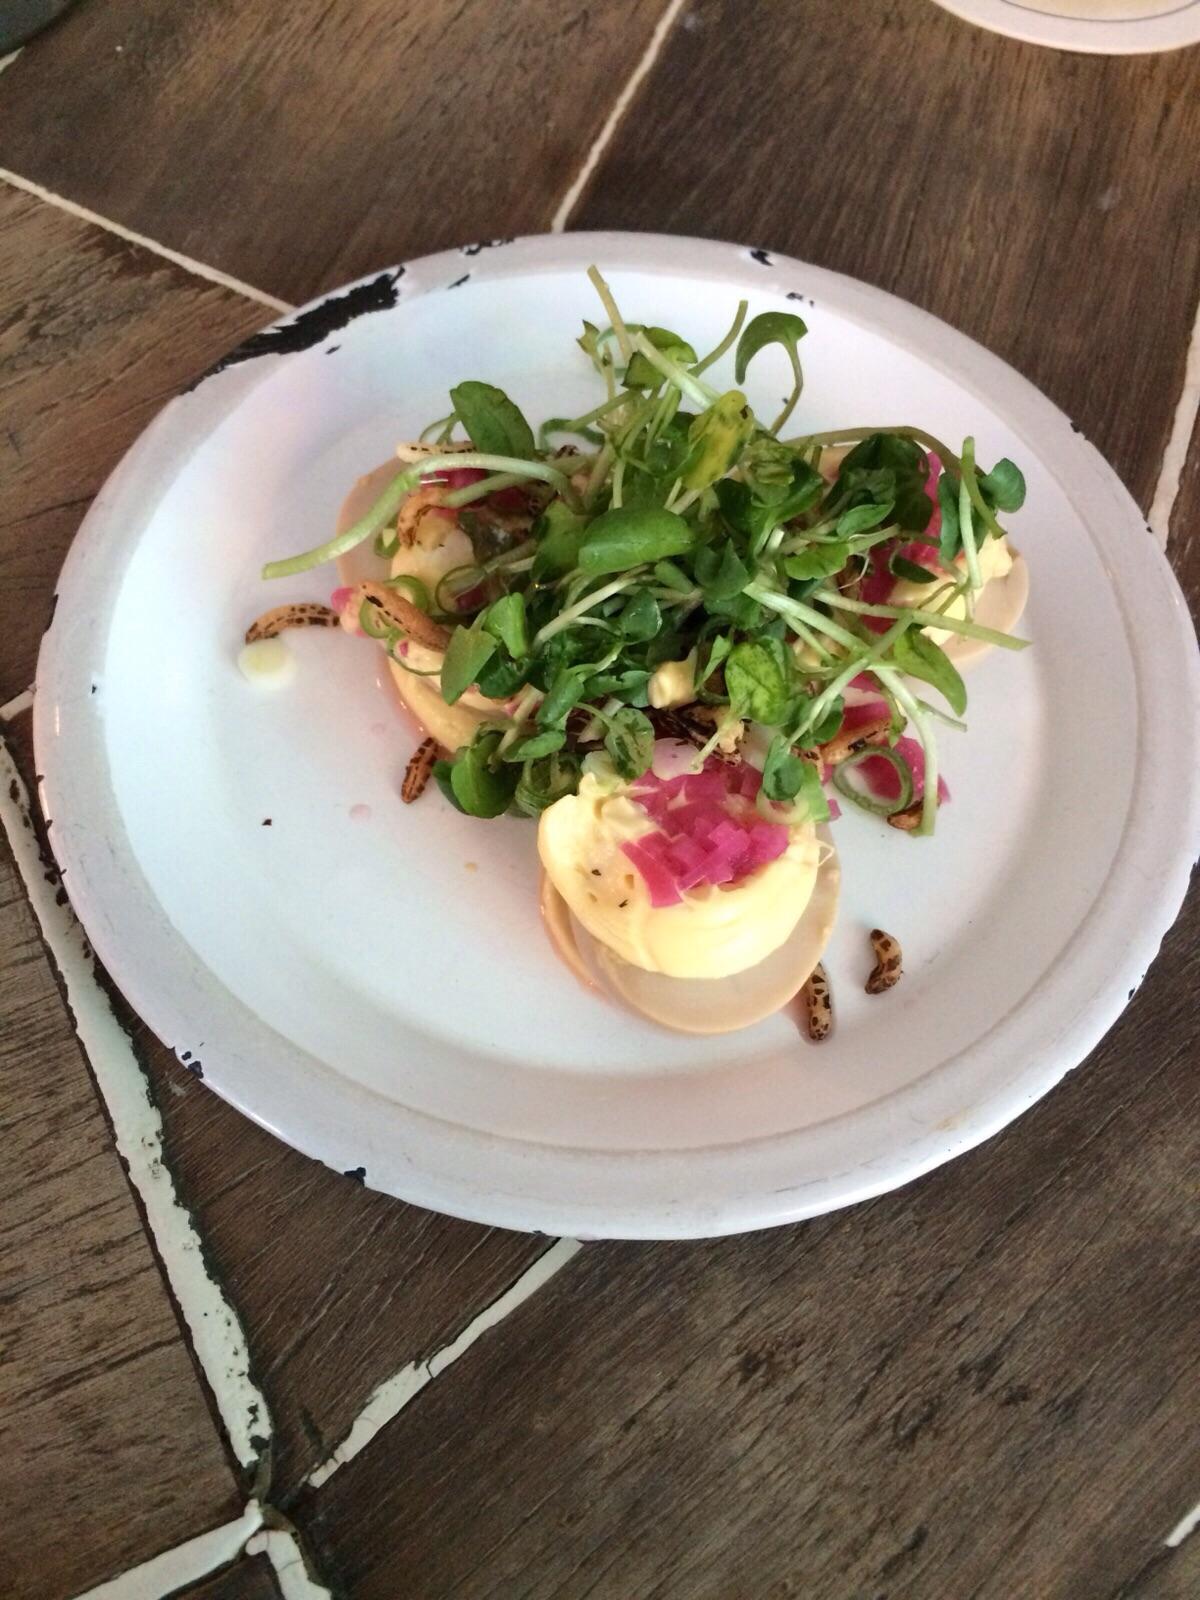 mary celeste devilled eggs